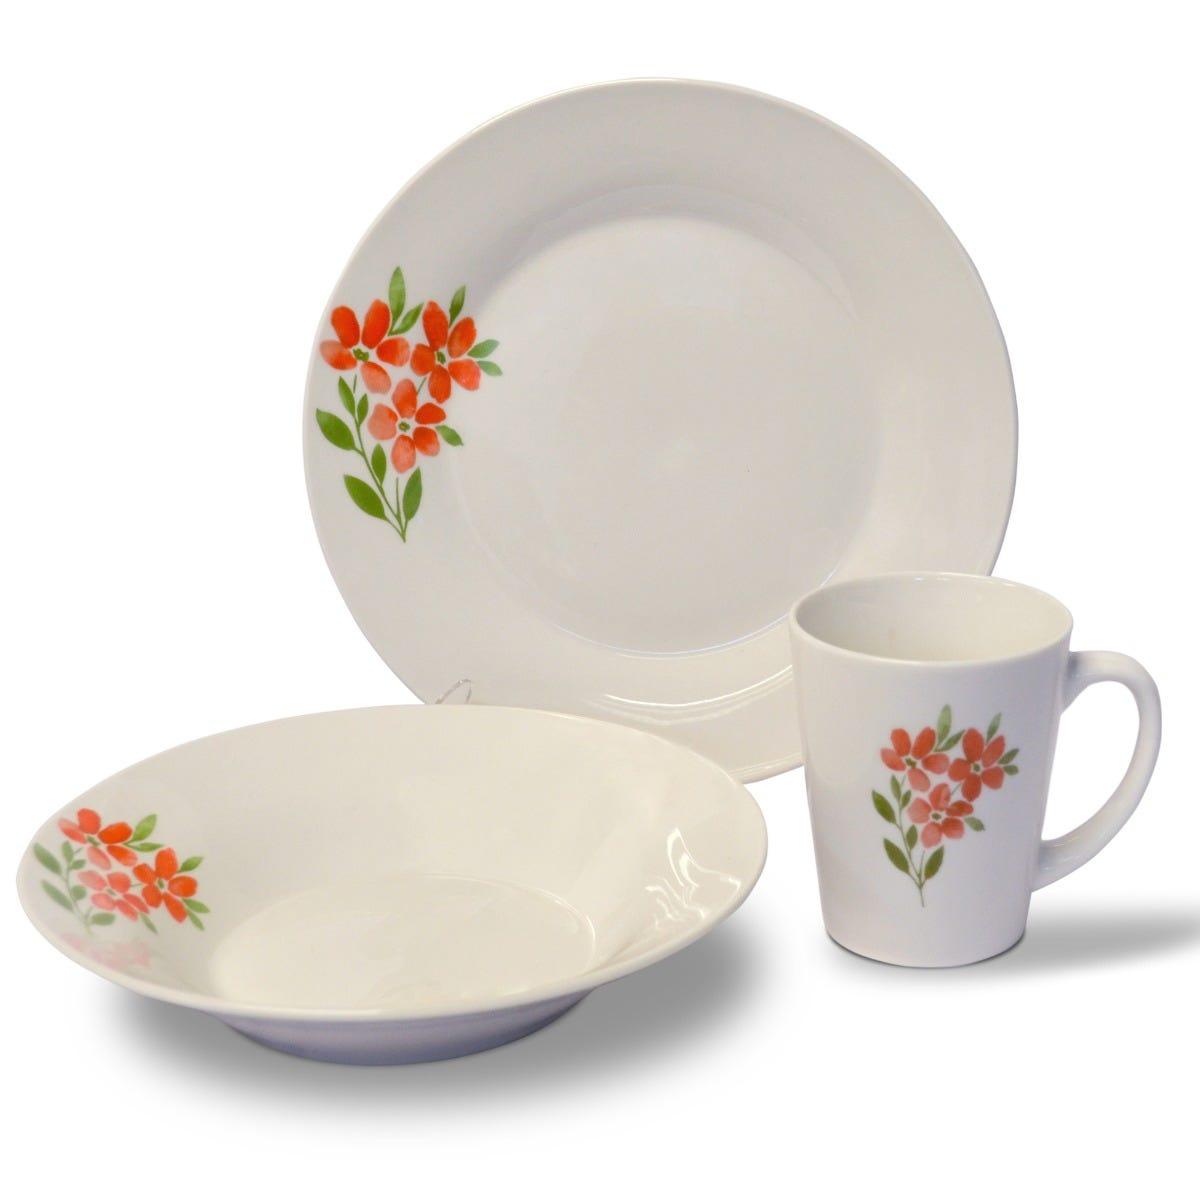 Vajilla Home Gallery® con Flores Rojas de Porcelana 12 piezas